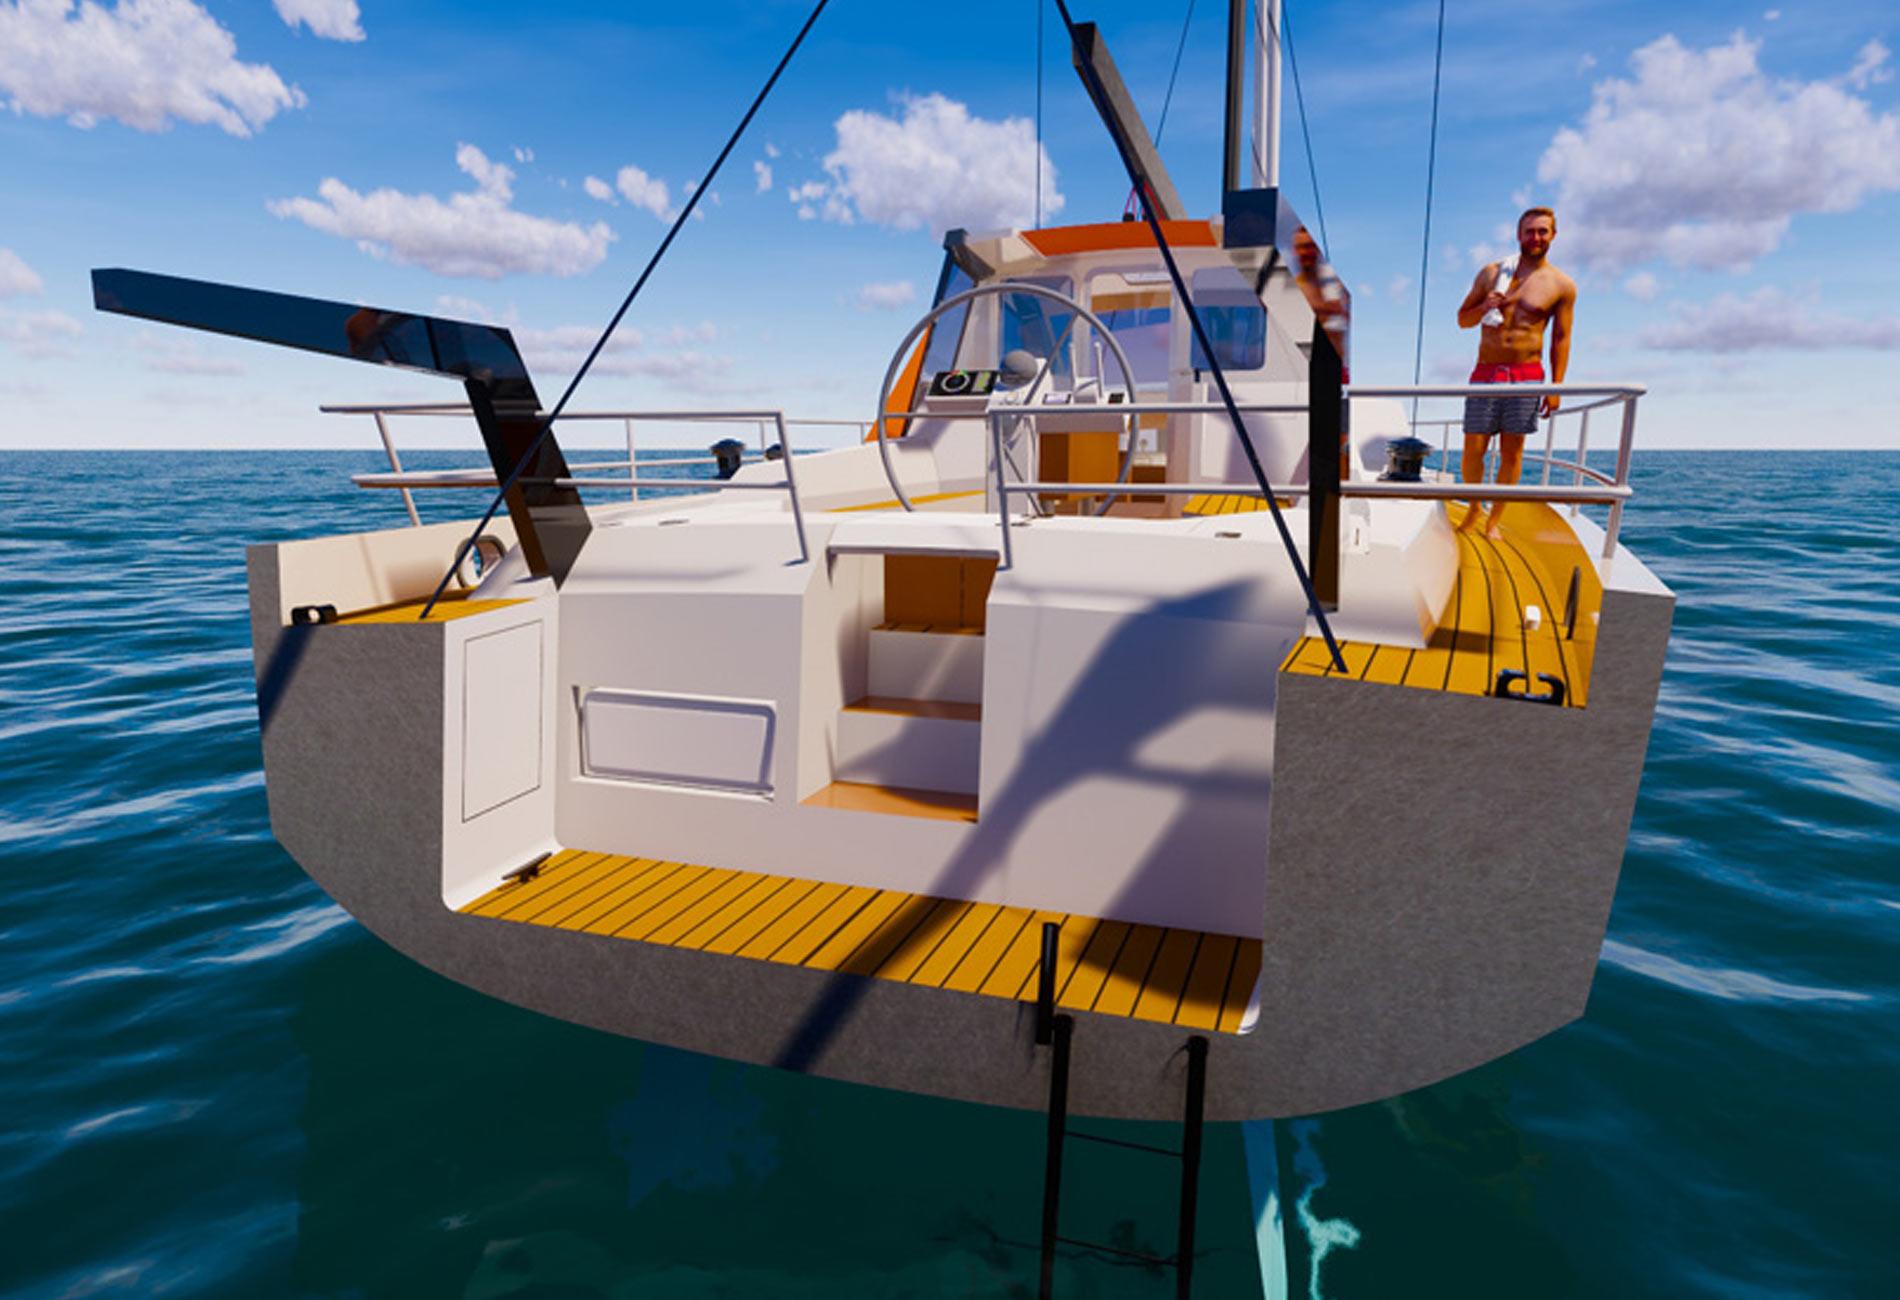 DG52-Voilier-aluminium-sur-mesure-Architecture-navale-Vincent-Lebailly-Sailing-yacht